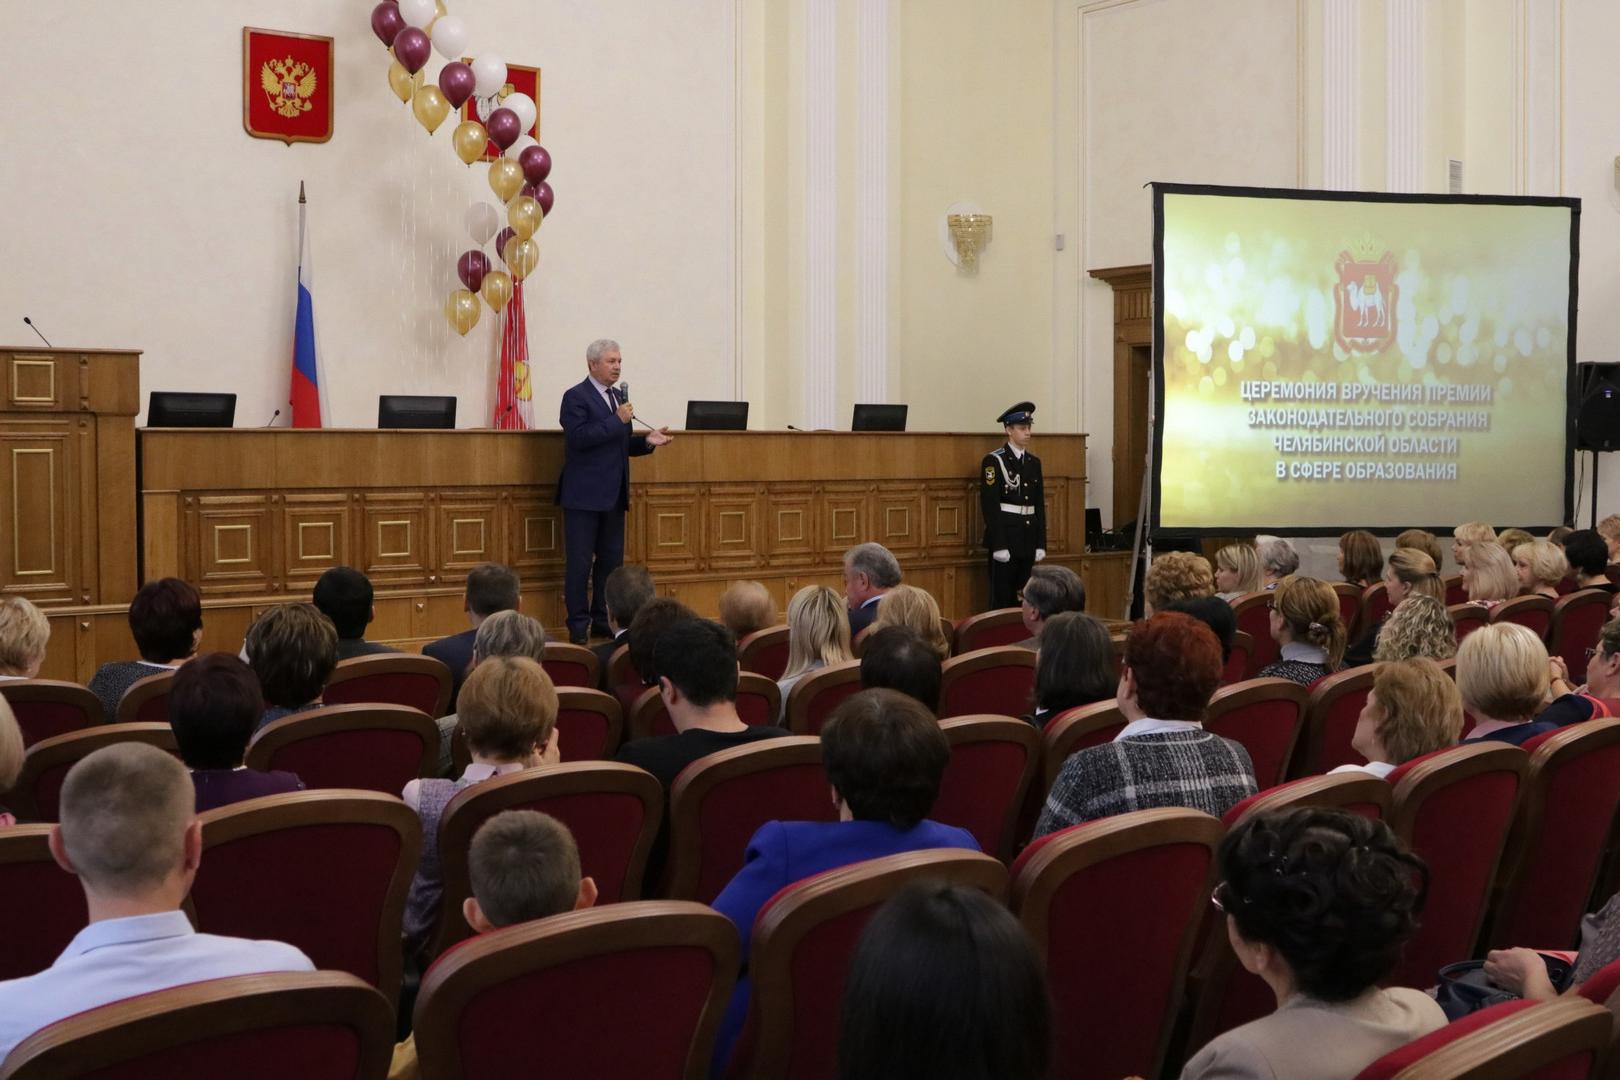 Пятьдесят работников образования Челябинской области отмечены премией Законодательного Собрания р